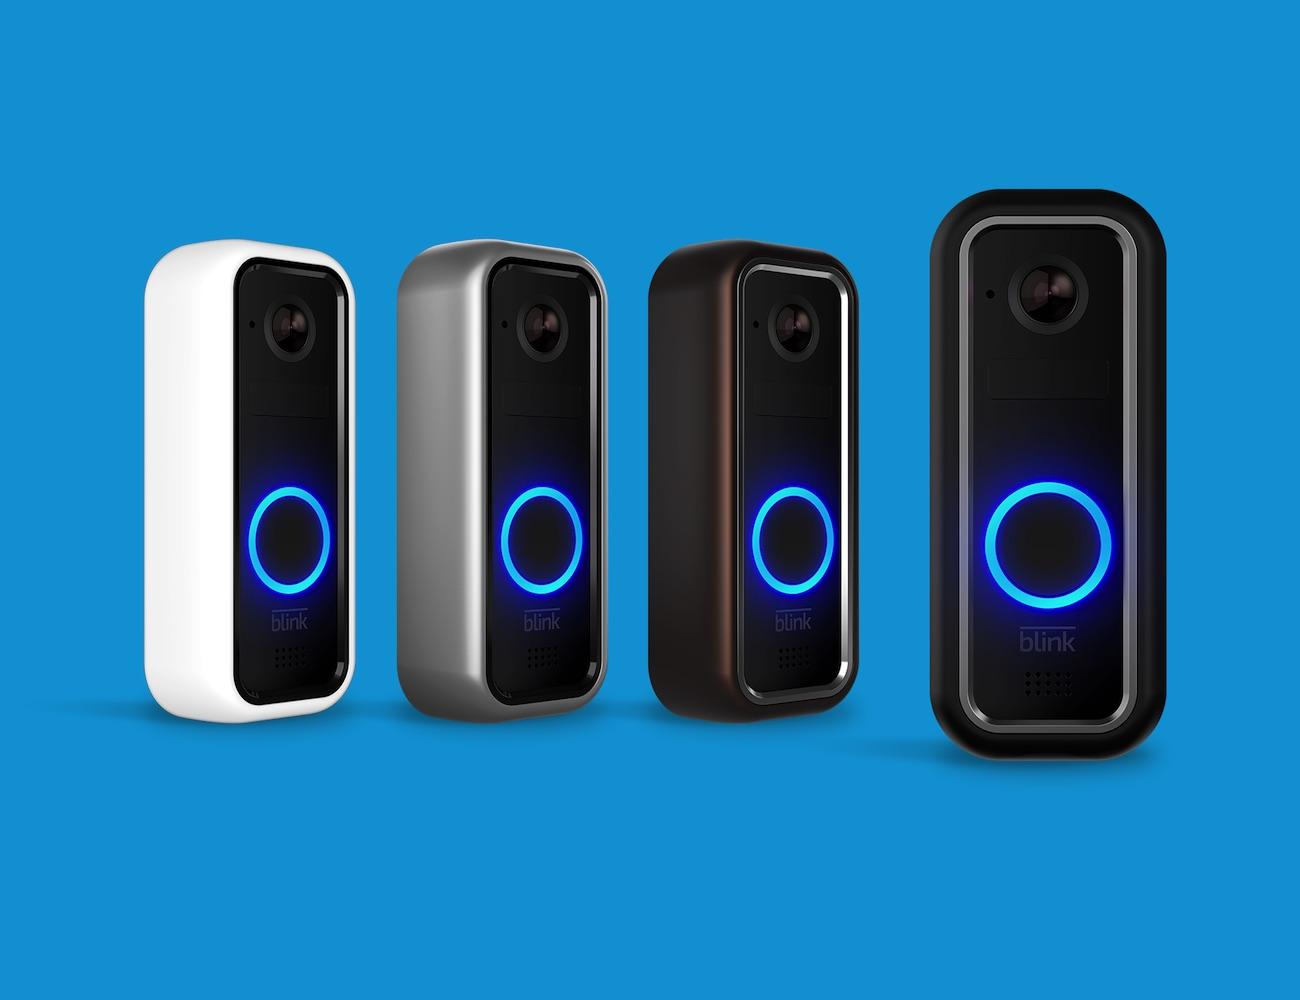 Blink Intelligent Video Doorbell